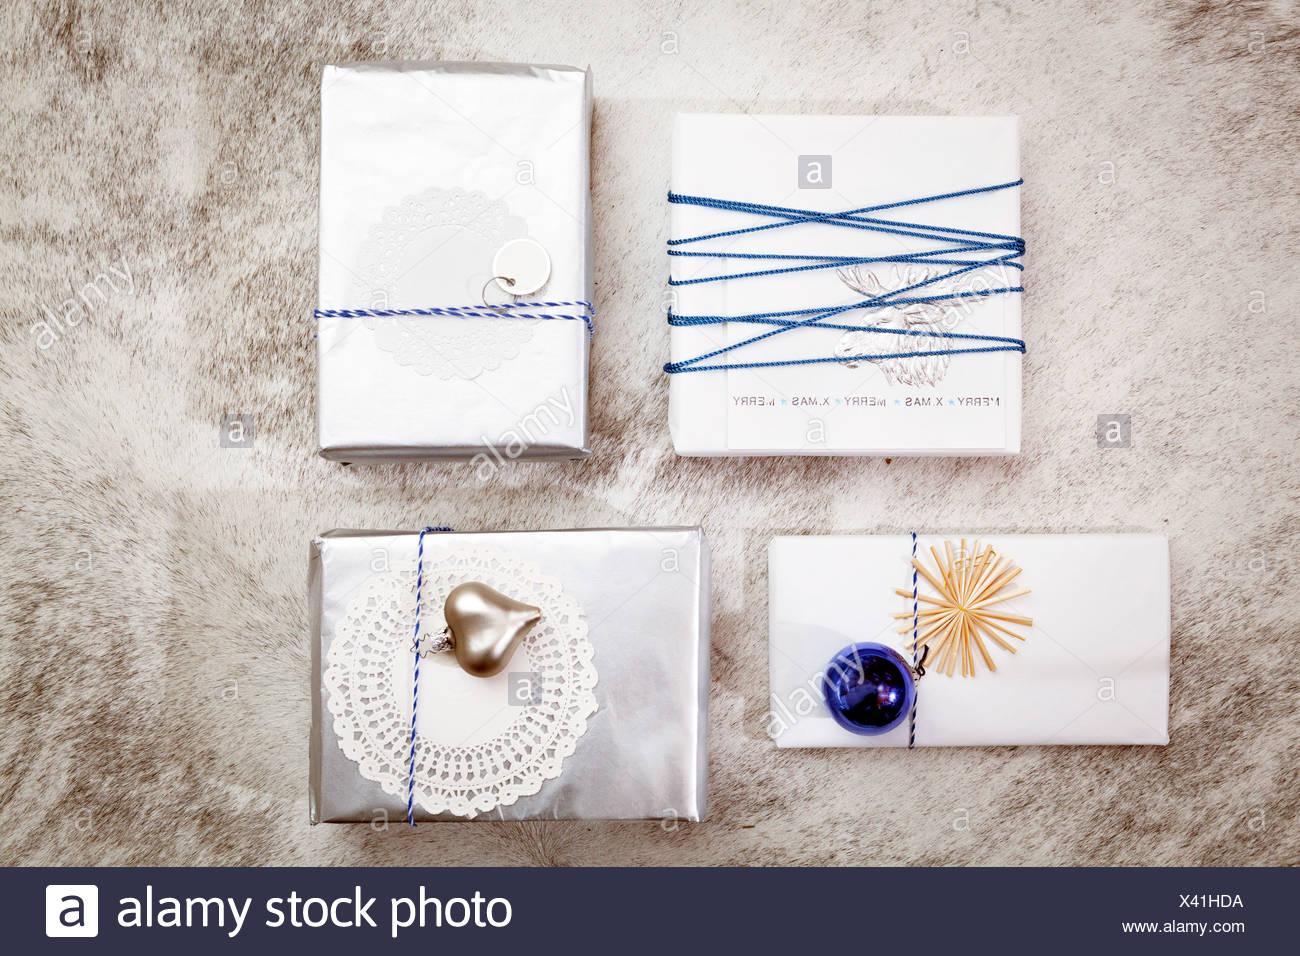 Décoration de Noël, variété de boîtes-cadeaux, Munich, Bavière, Allemagne Photo Stock